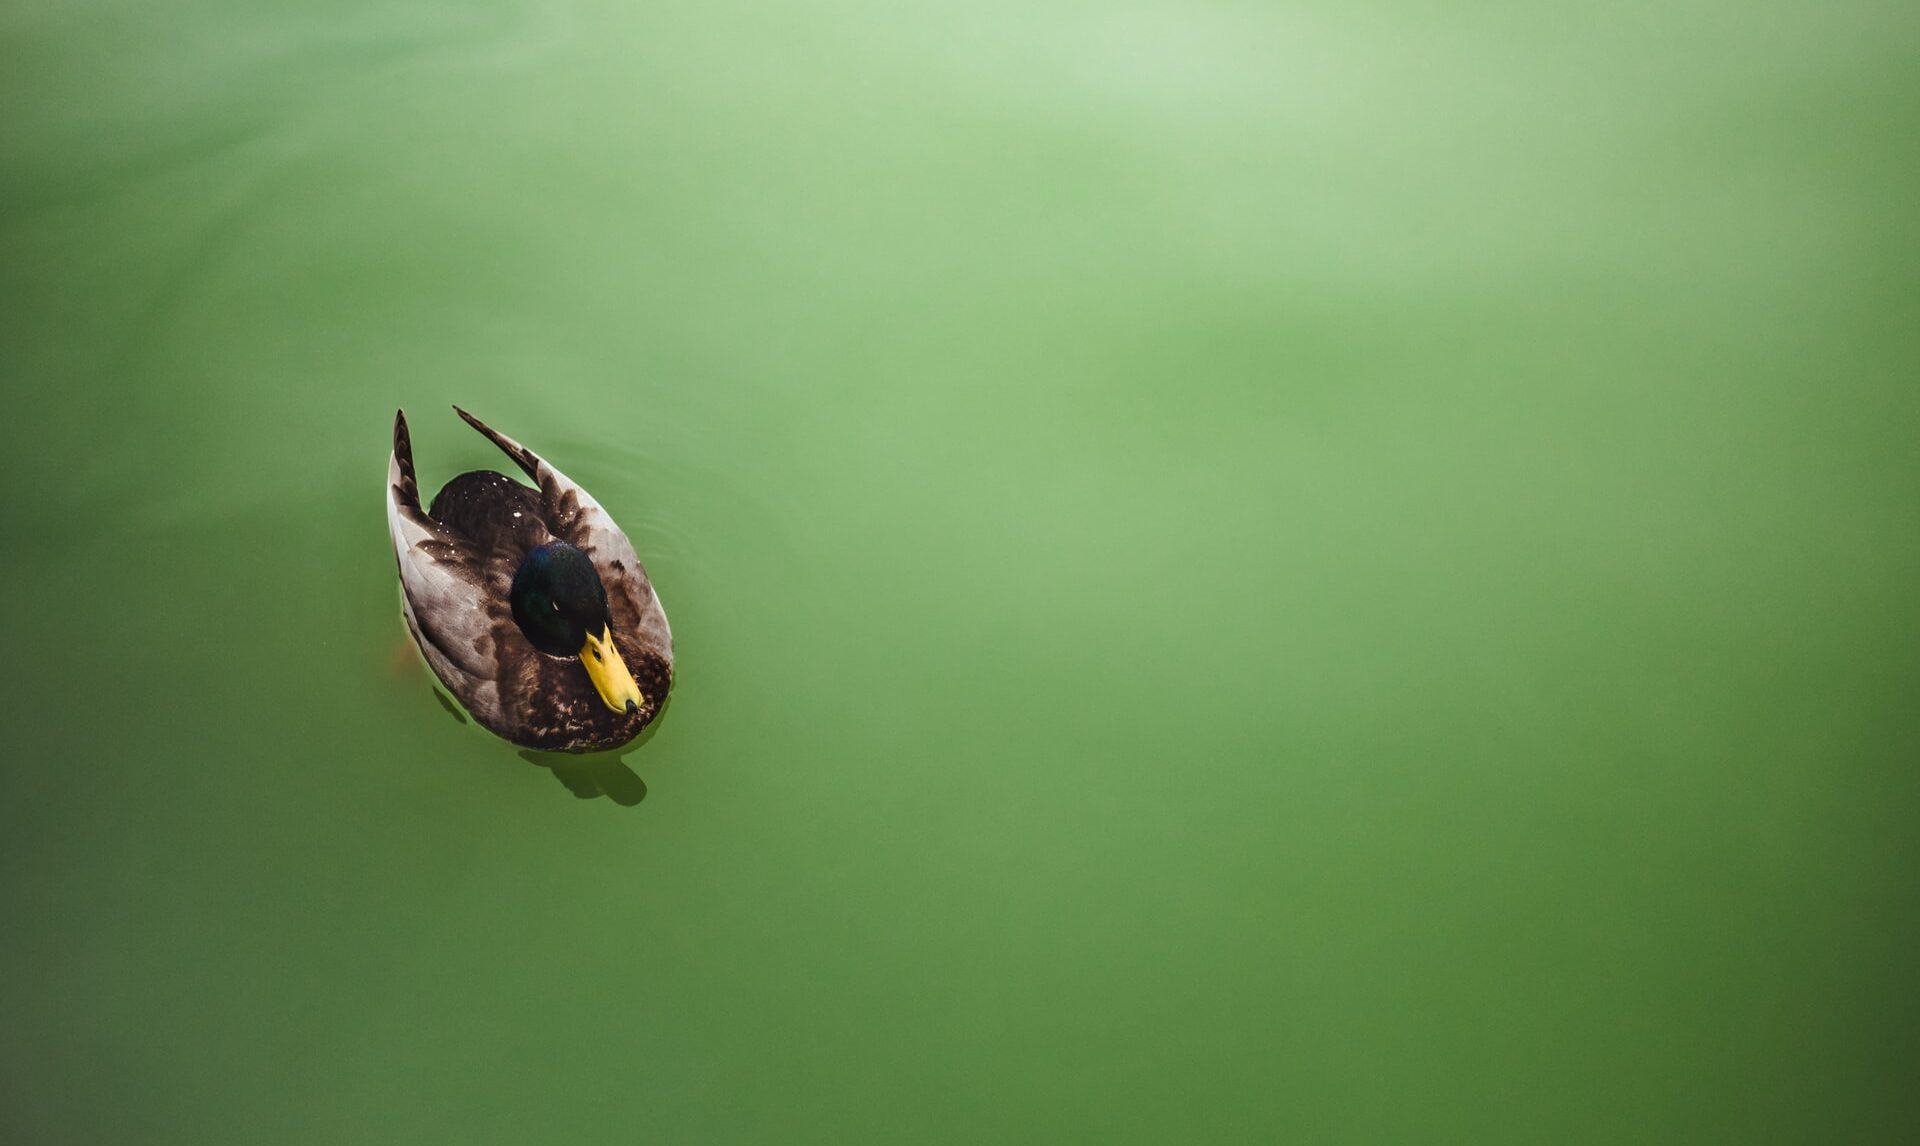 Фосфаты и пестициды убивают Днепр: экологи признали состояние реки катастрофическим